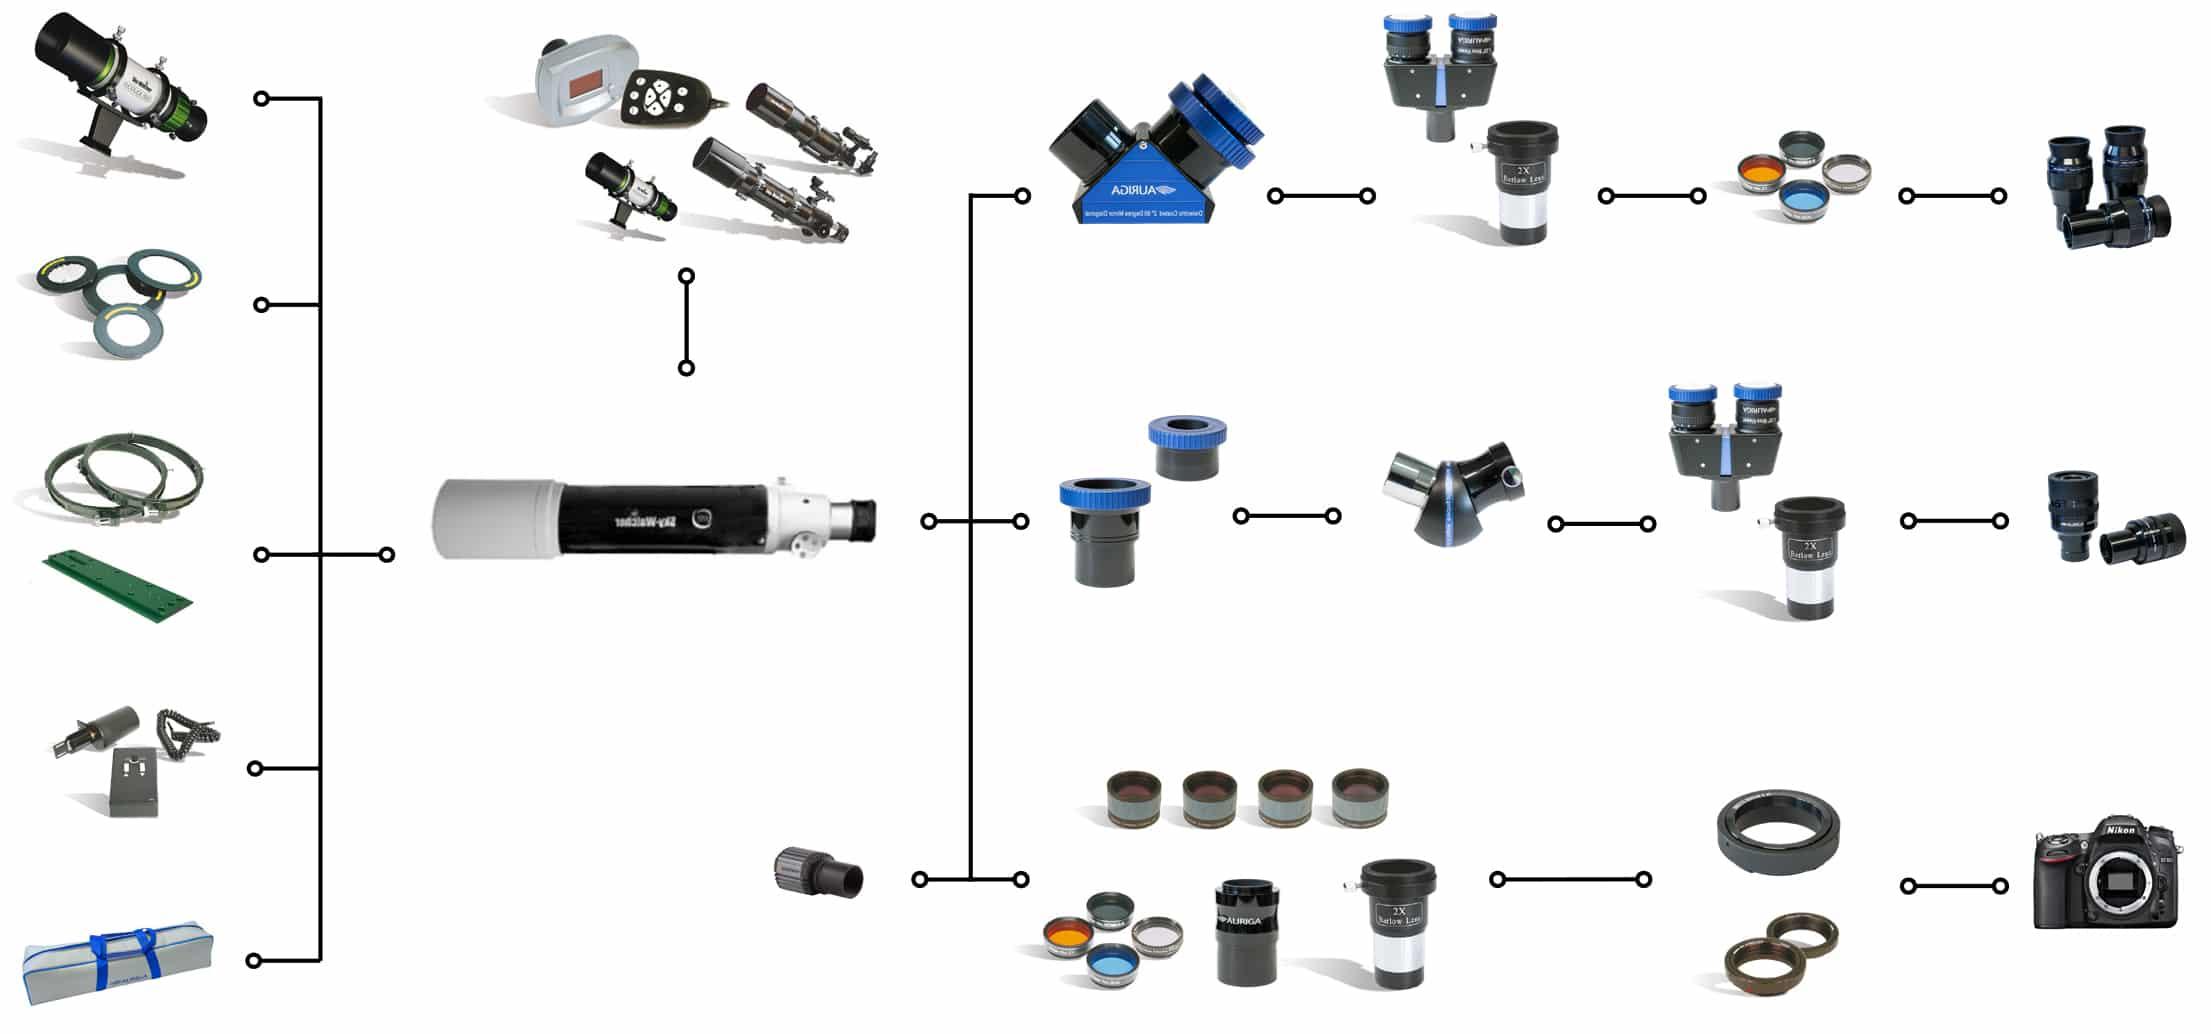 schema collegamento accessori rifrattore